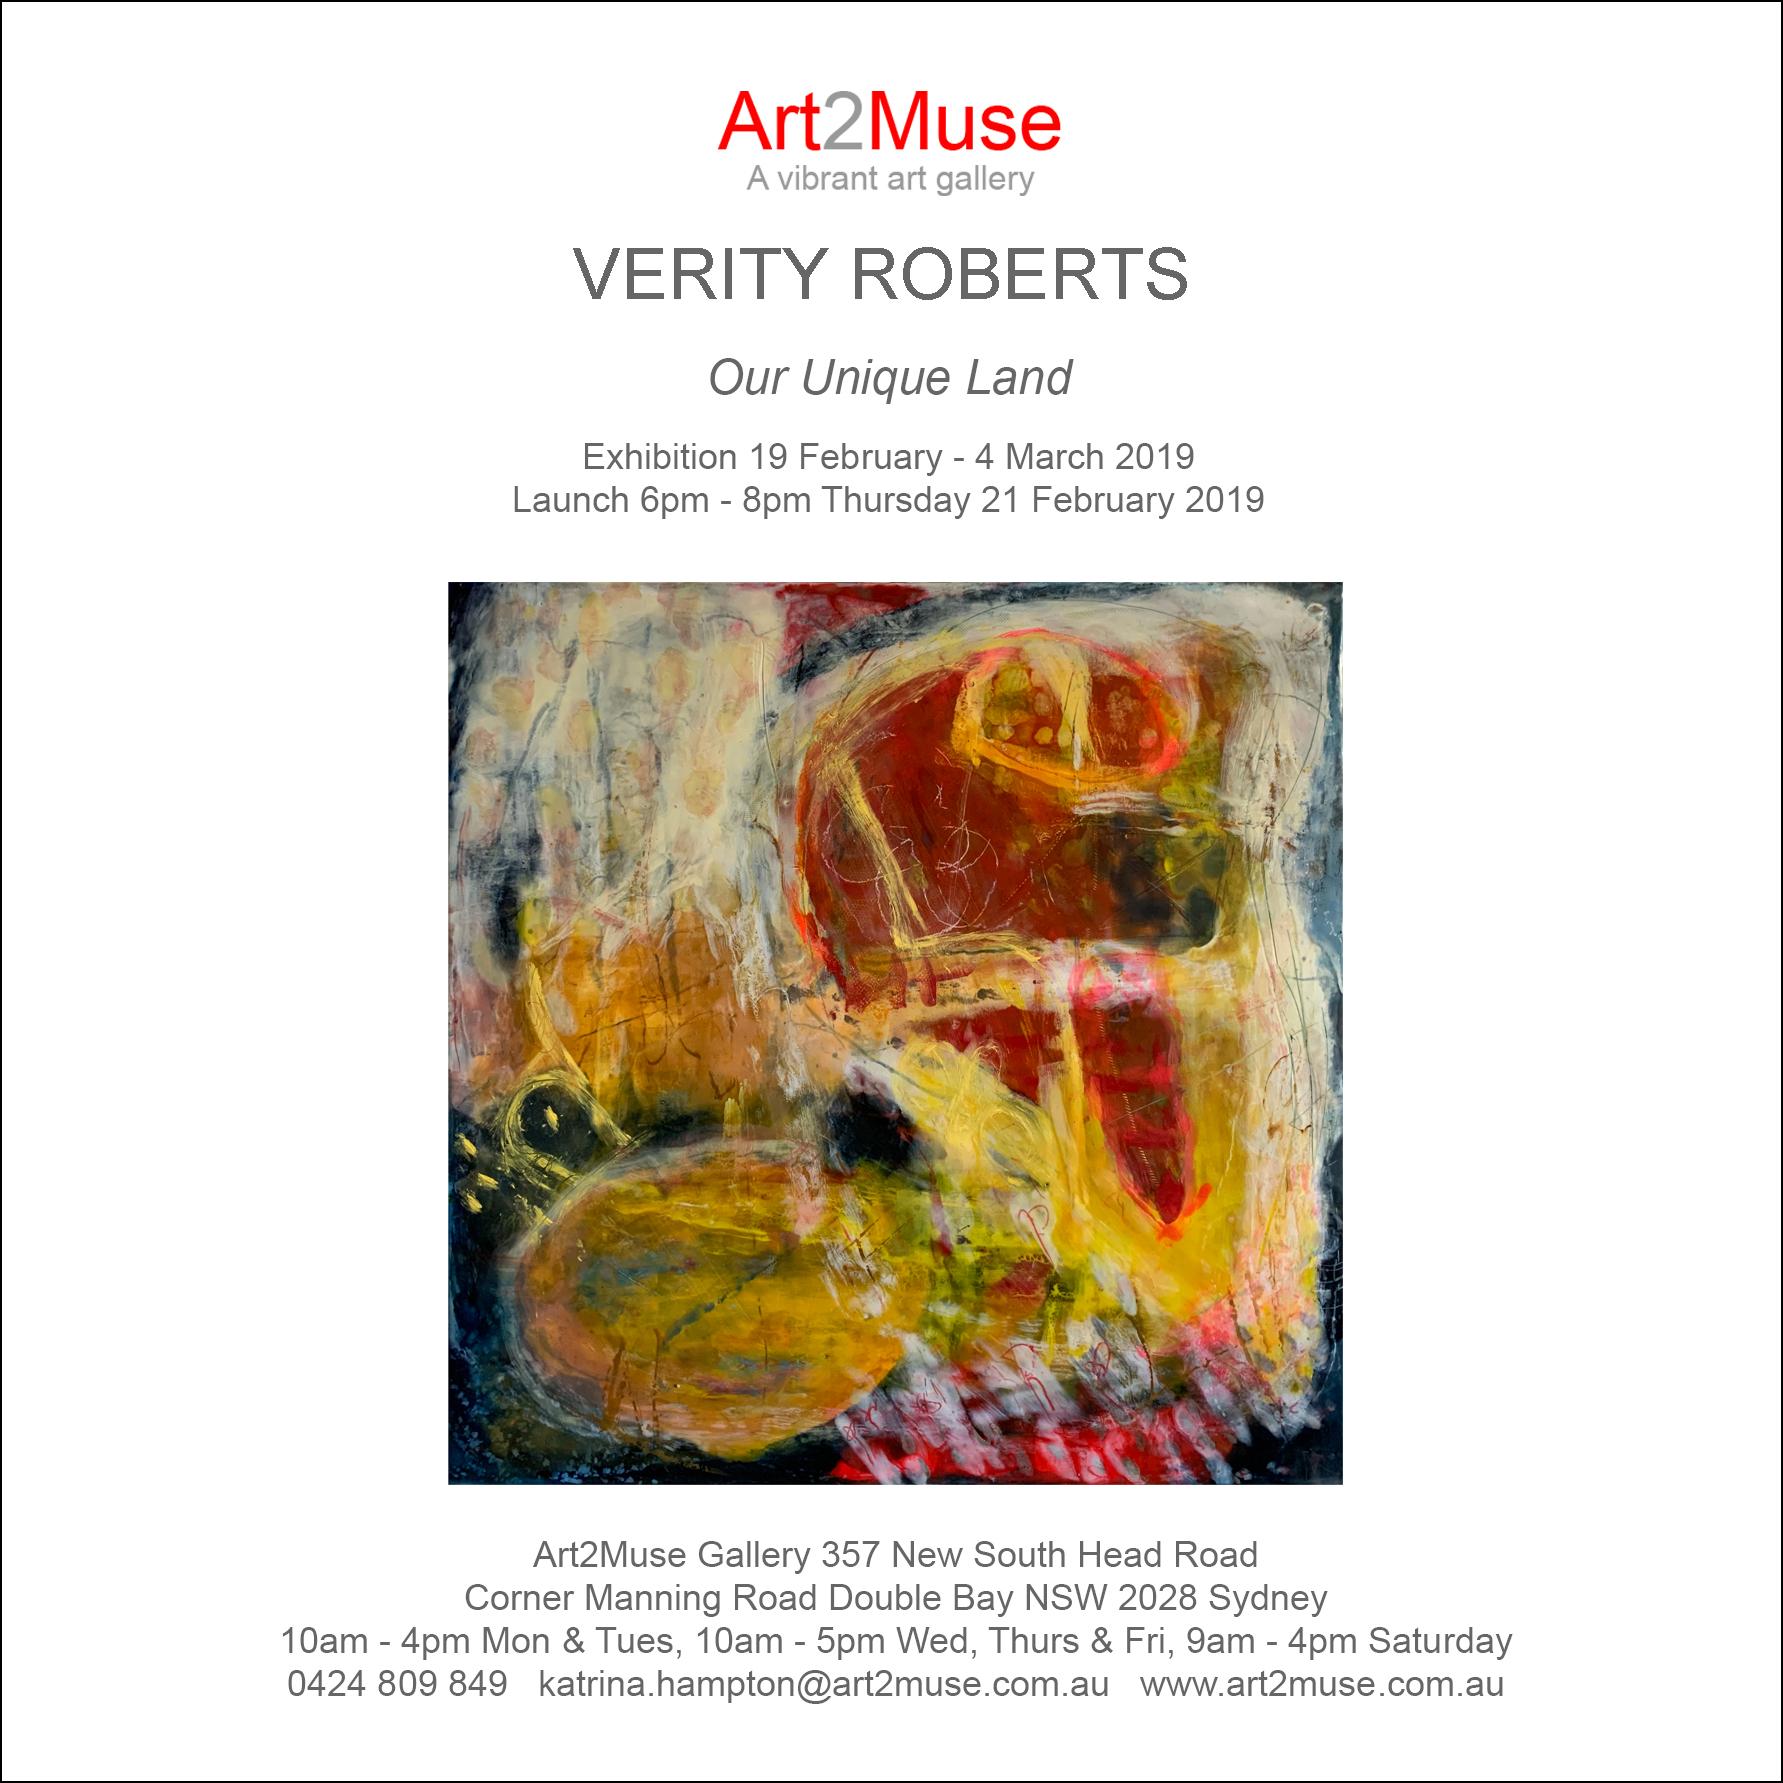 Verity Roberts e-invite 3.jpg